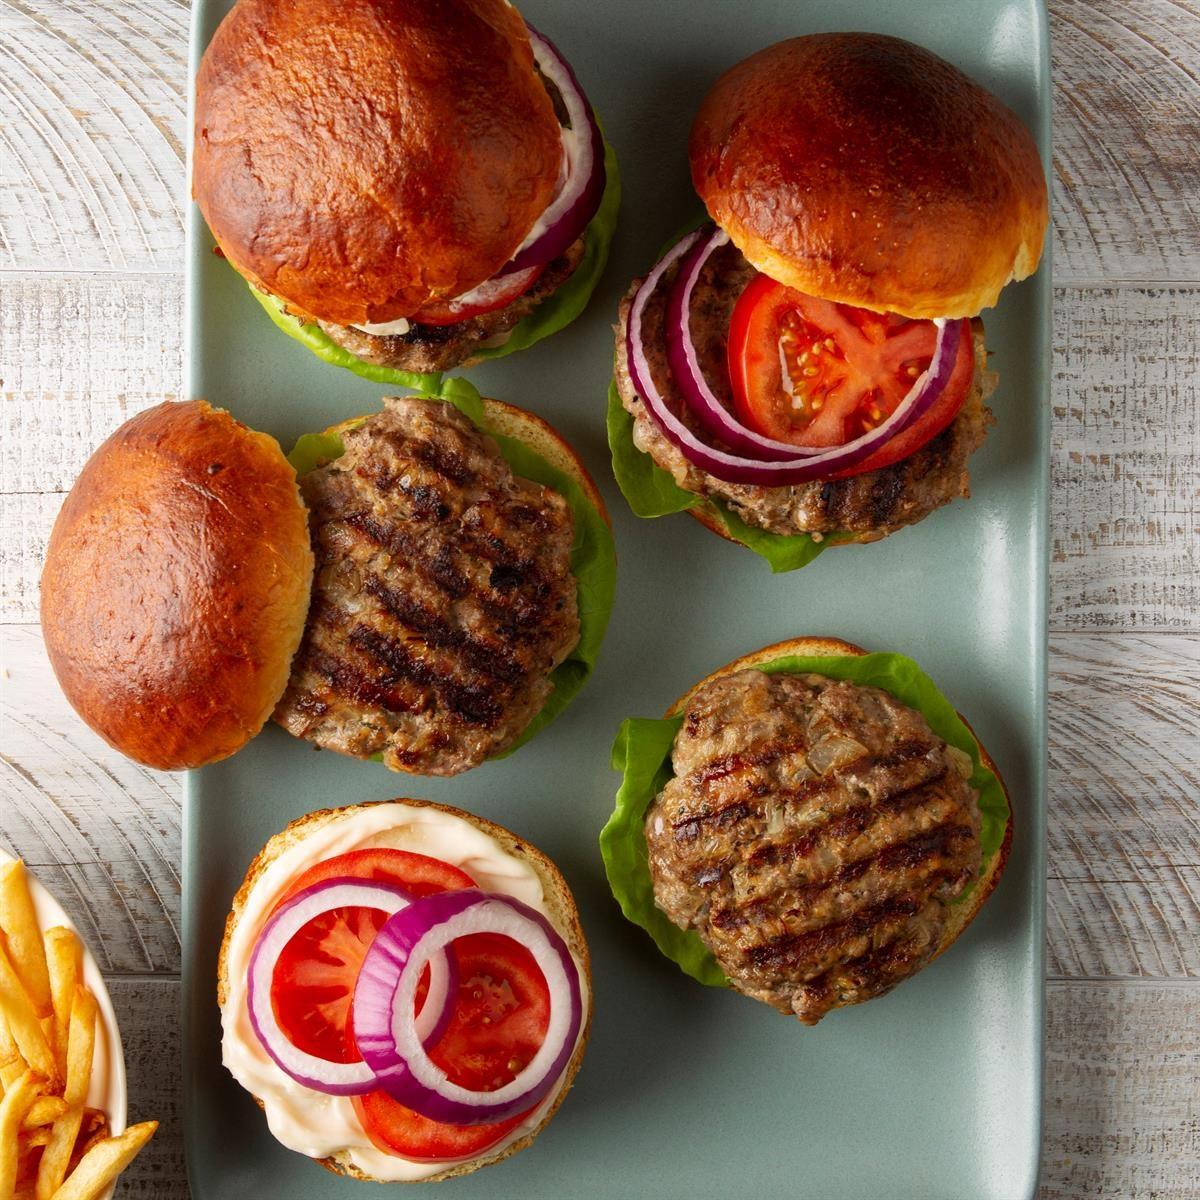 Beef 'n' Pork Burgers